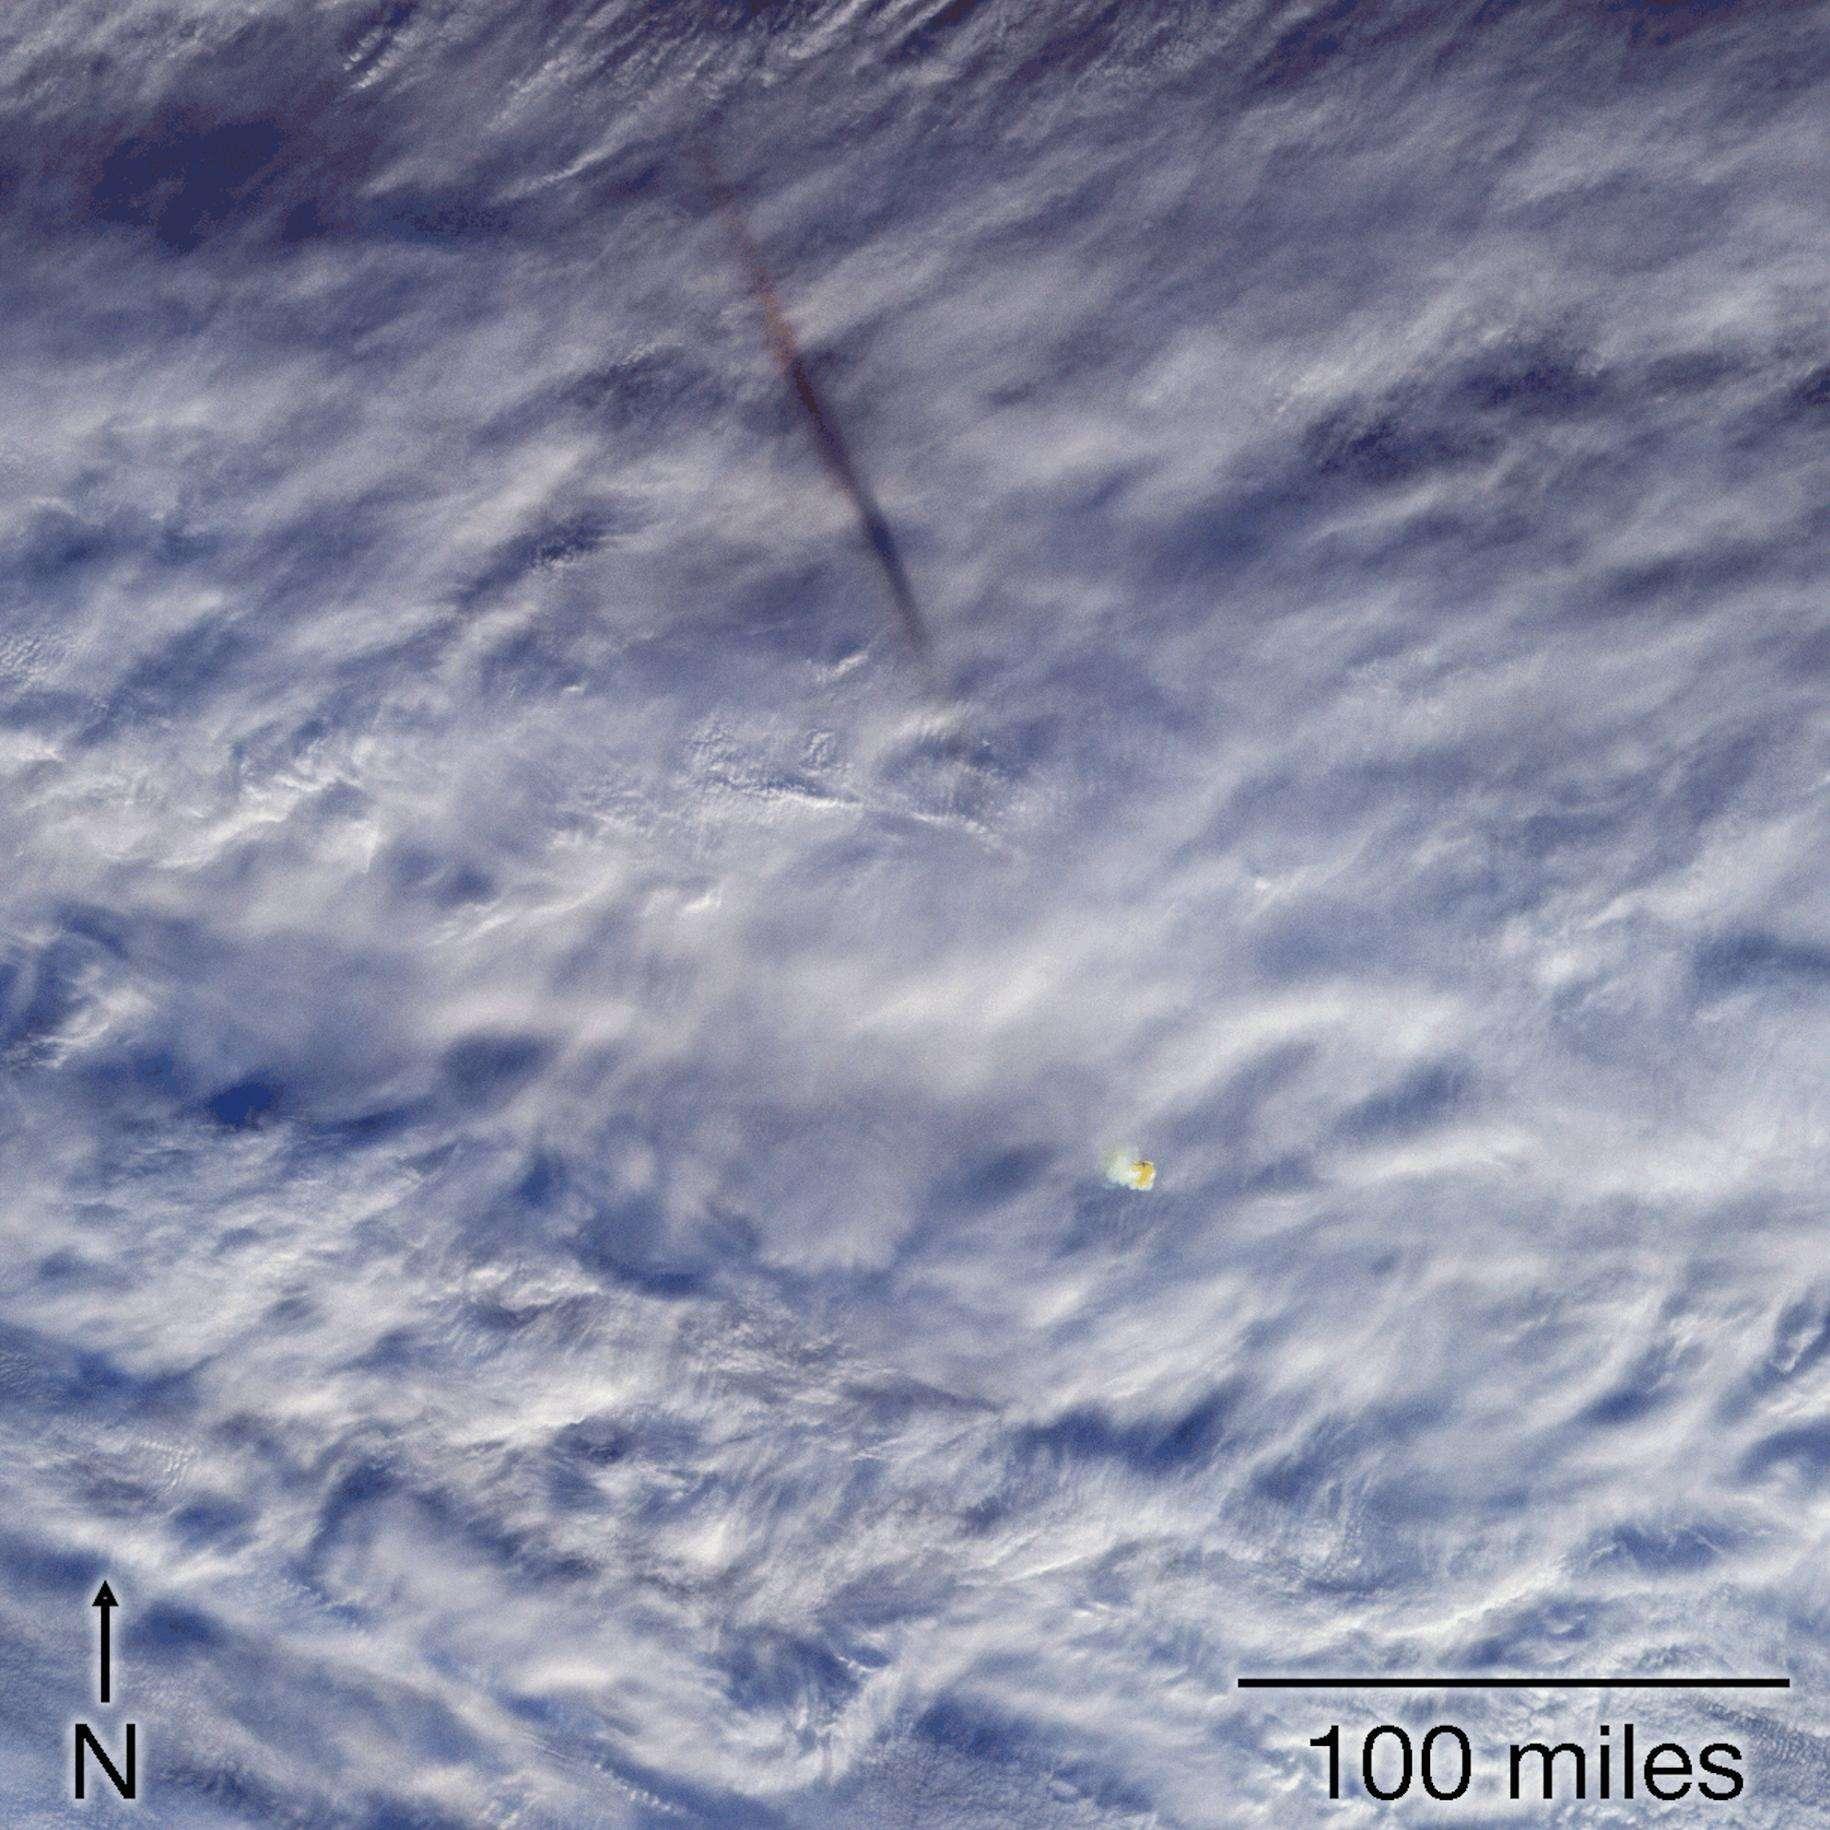 La fumée et un nuage d'air surchauffé laissées par le passage de la météorite de la mer de Béring, vues à 23 h 55 GMT le 18 décembre 2018, quelques minutes après son explosion, par les caméras MISR du satellite Terra de la Nasa. © Nasa/GSFC/LaRC/JPL-Caltech, MISR Team